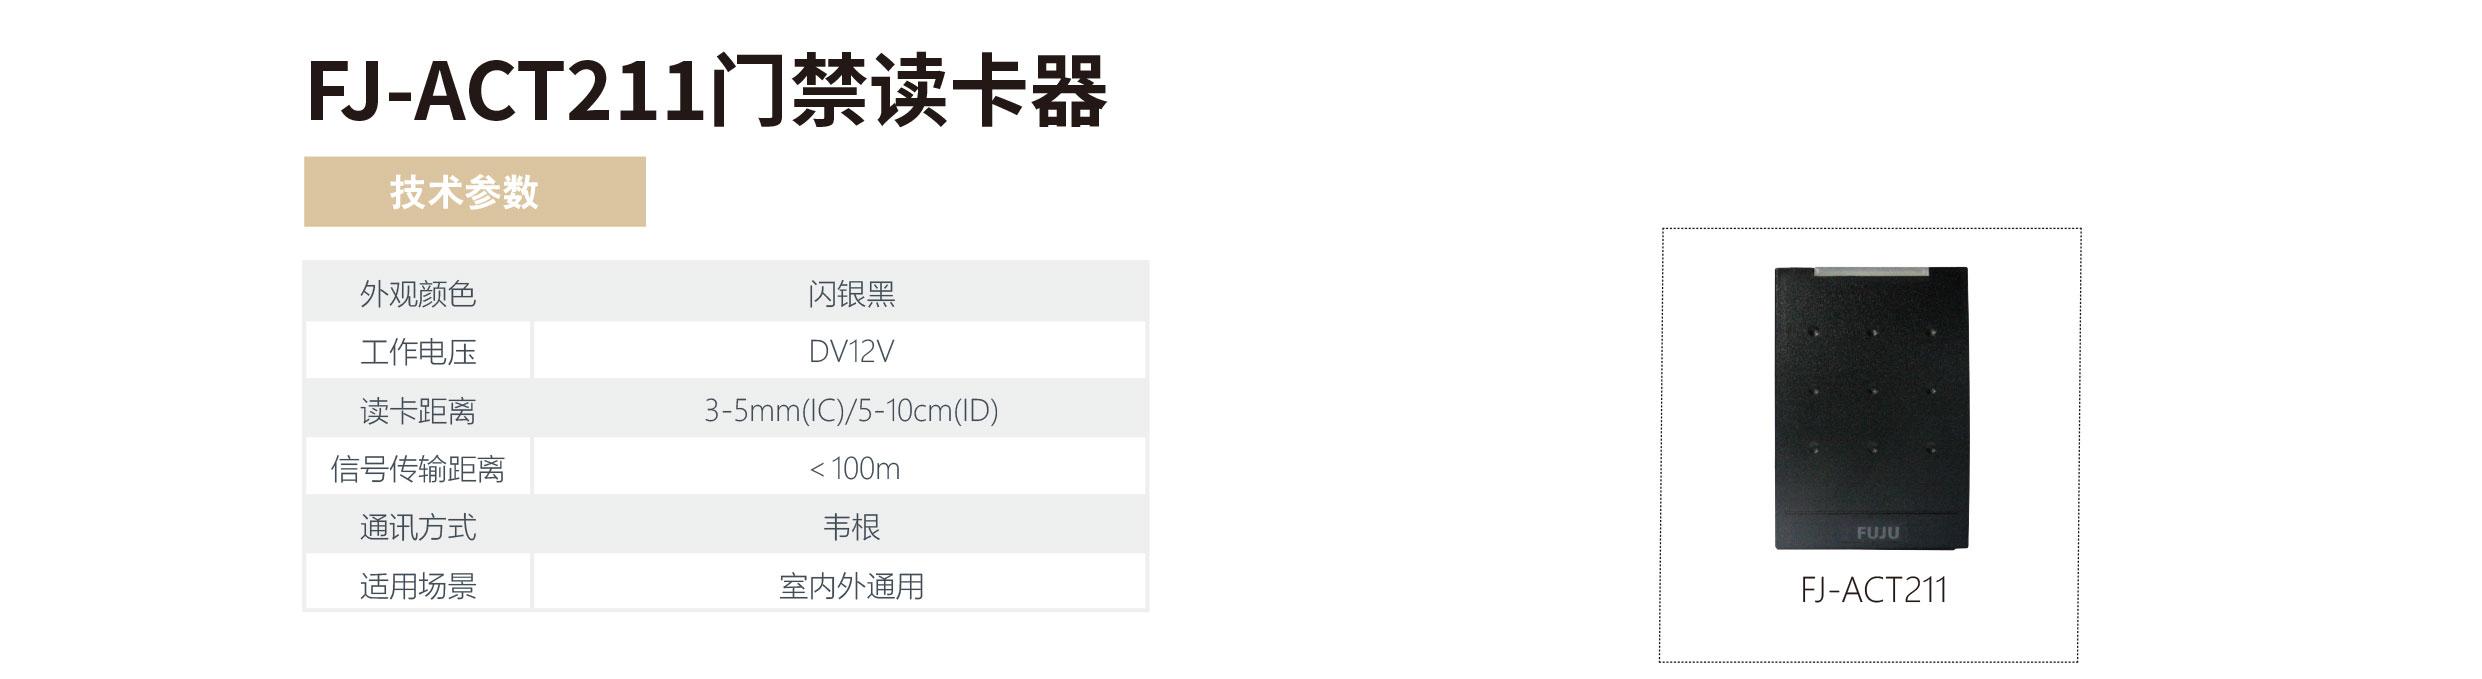 杭州富居数码科技有限公司最终稿-17_06.jpg